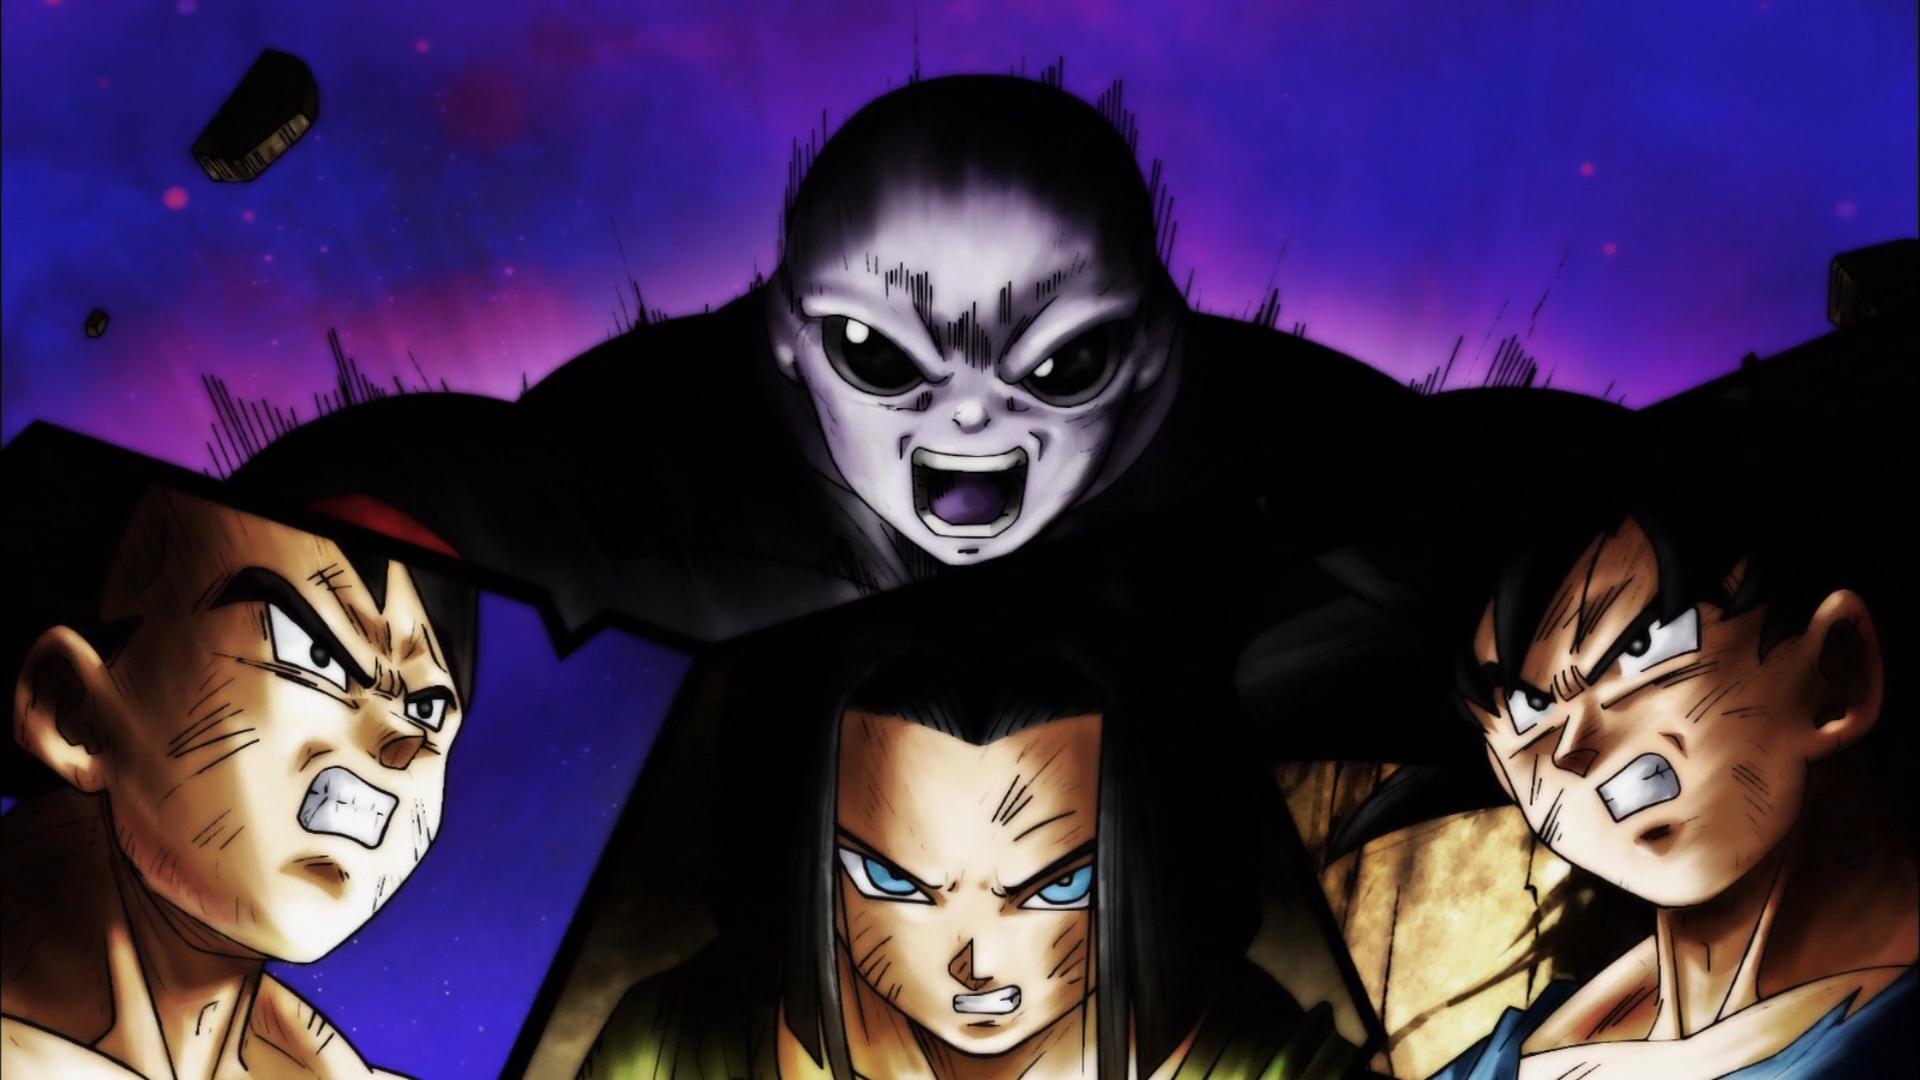 Anime - Dragon Ball Super  Vegeta (Dragon Ball) Android 17 (Dragon Ball) Jiren (Dragon Ball) Goku Wallpaper